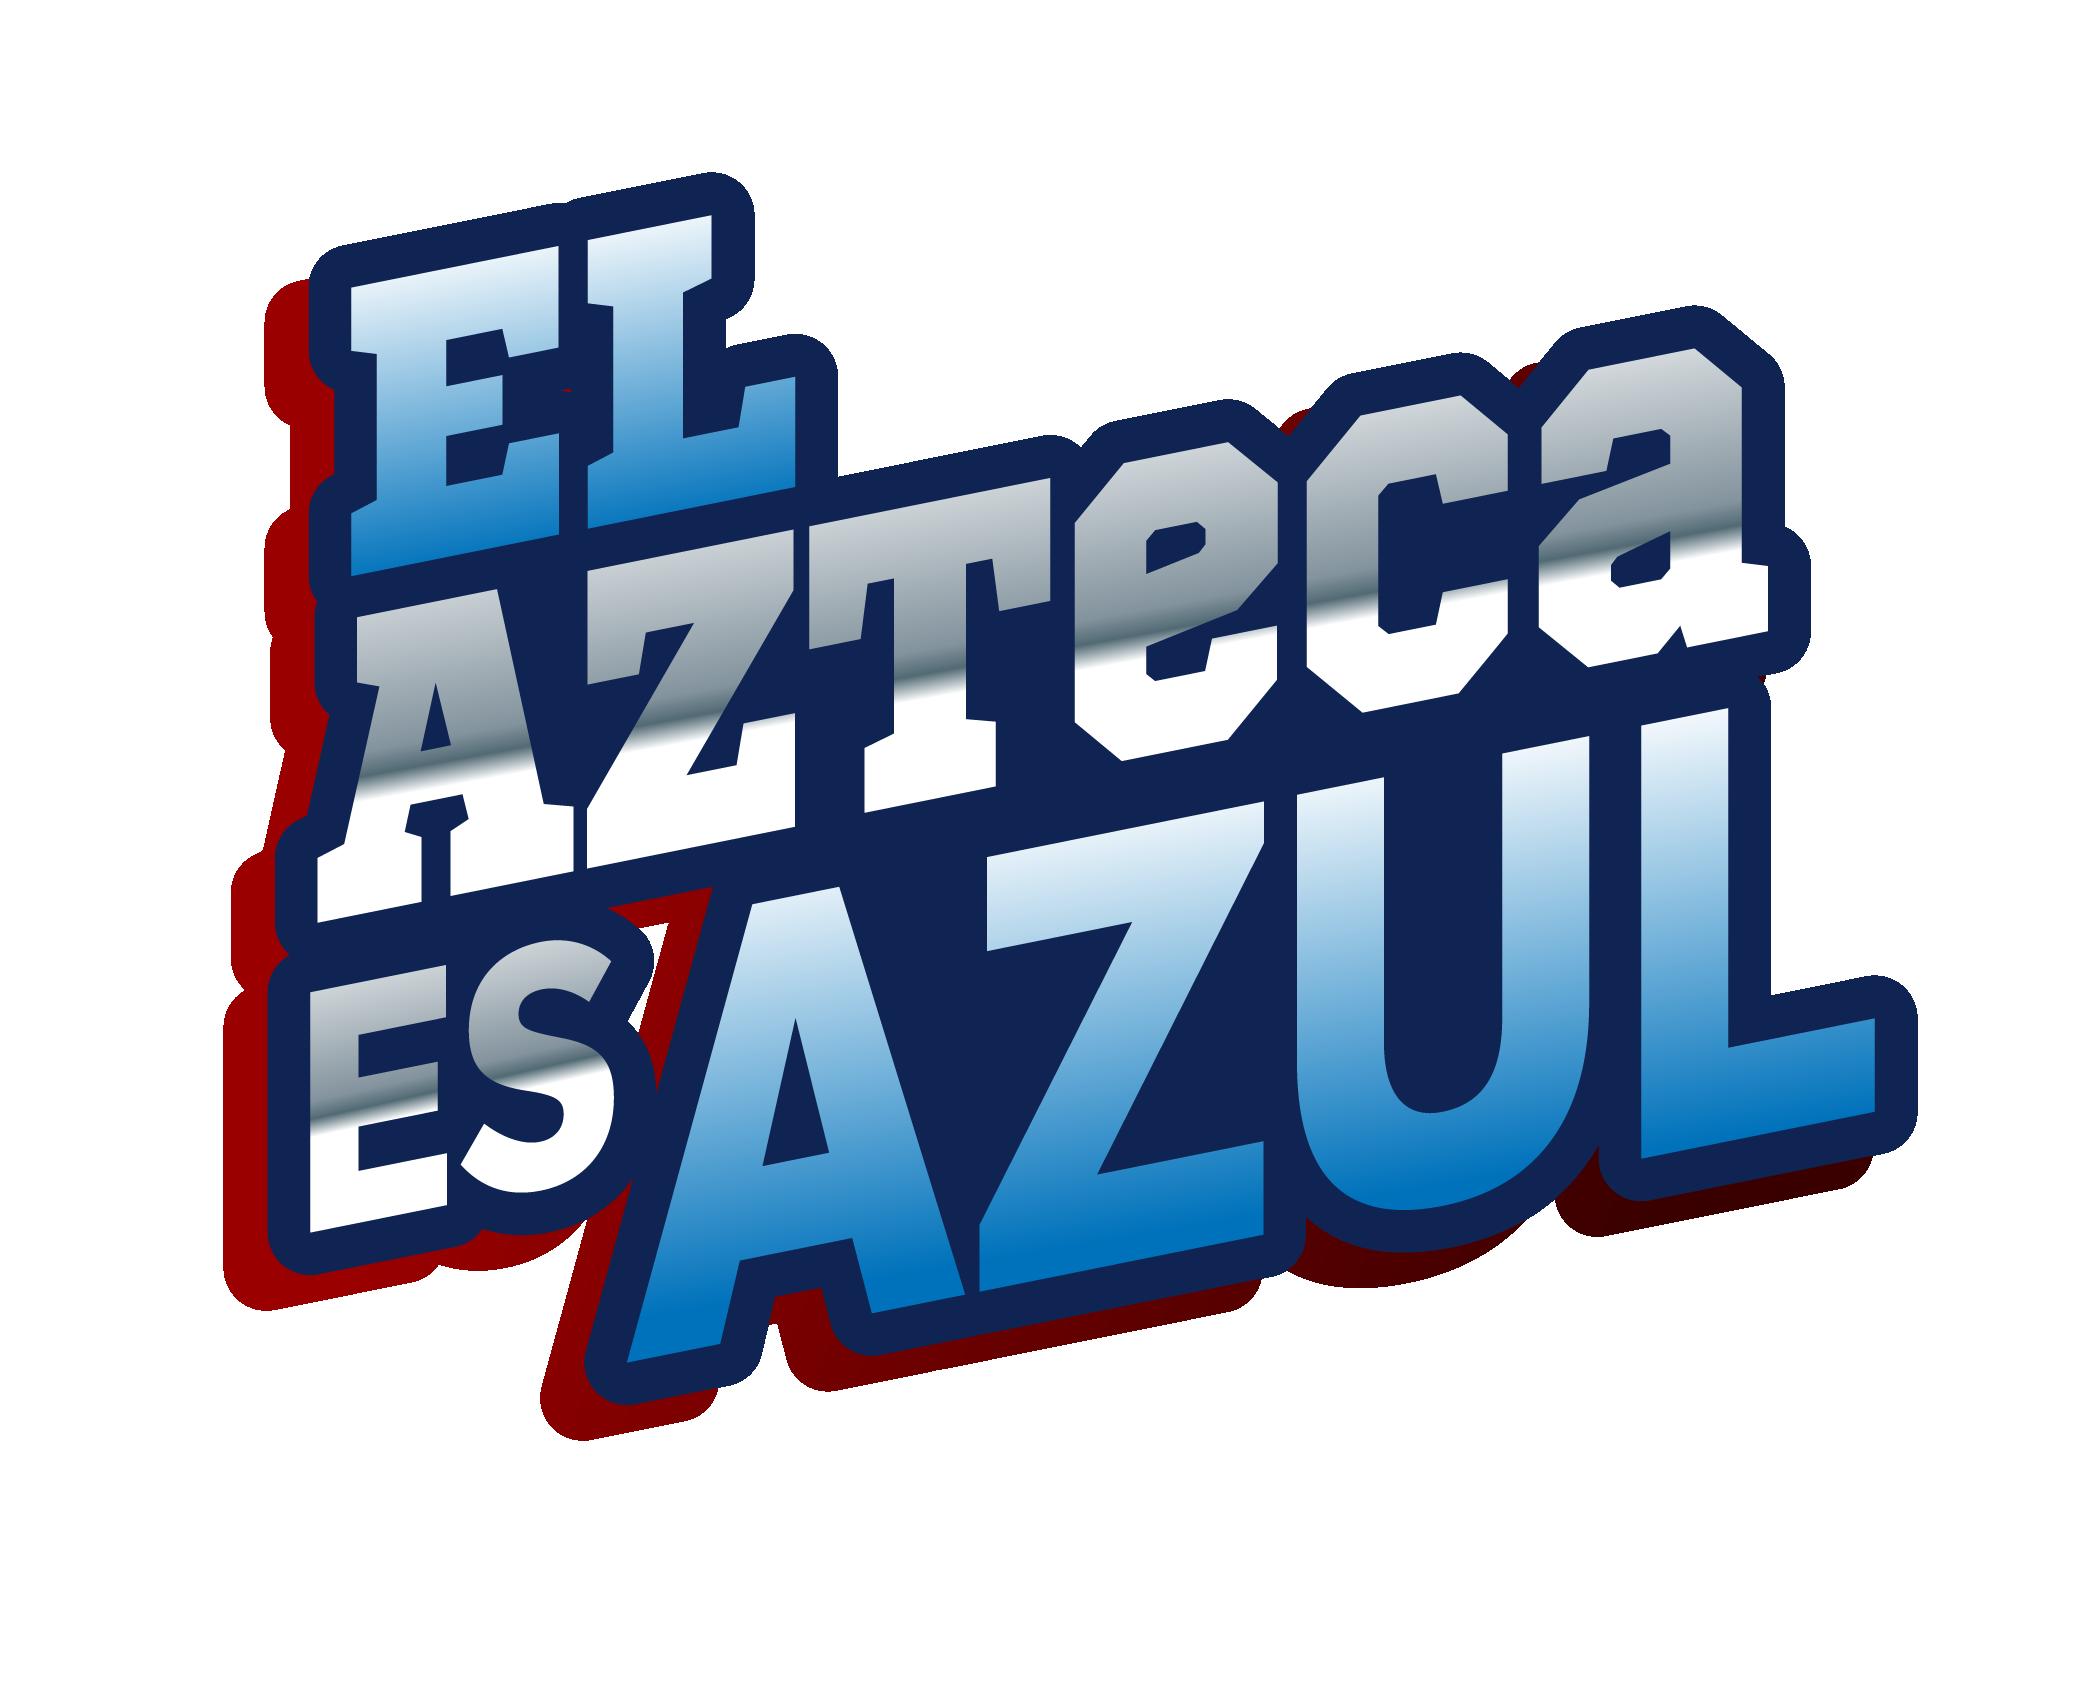 EL AZTECA ES AZUL